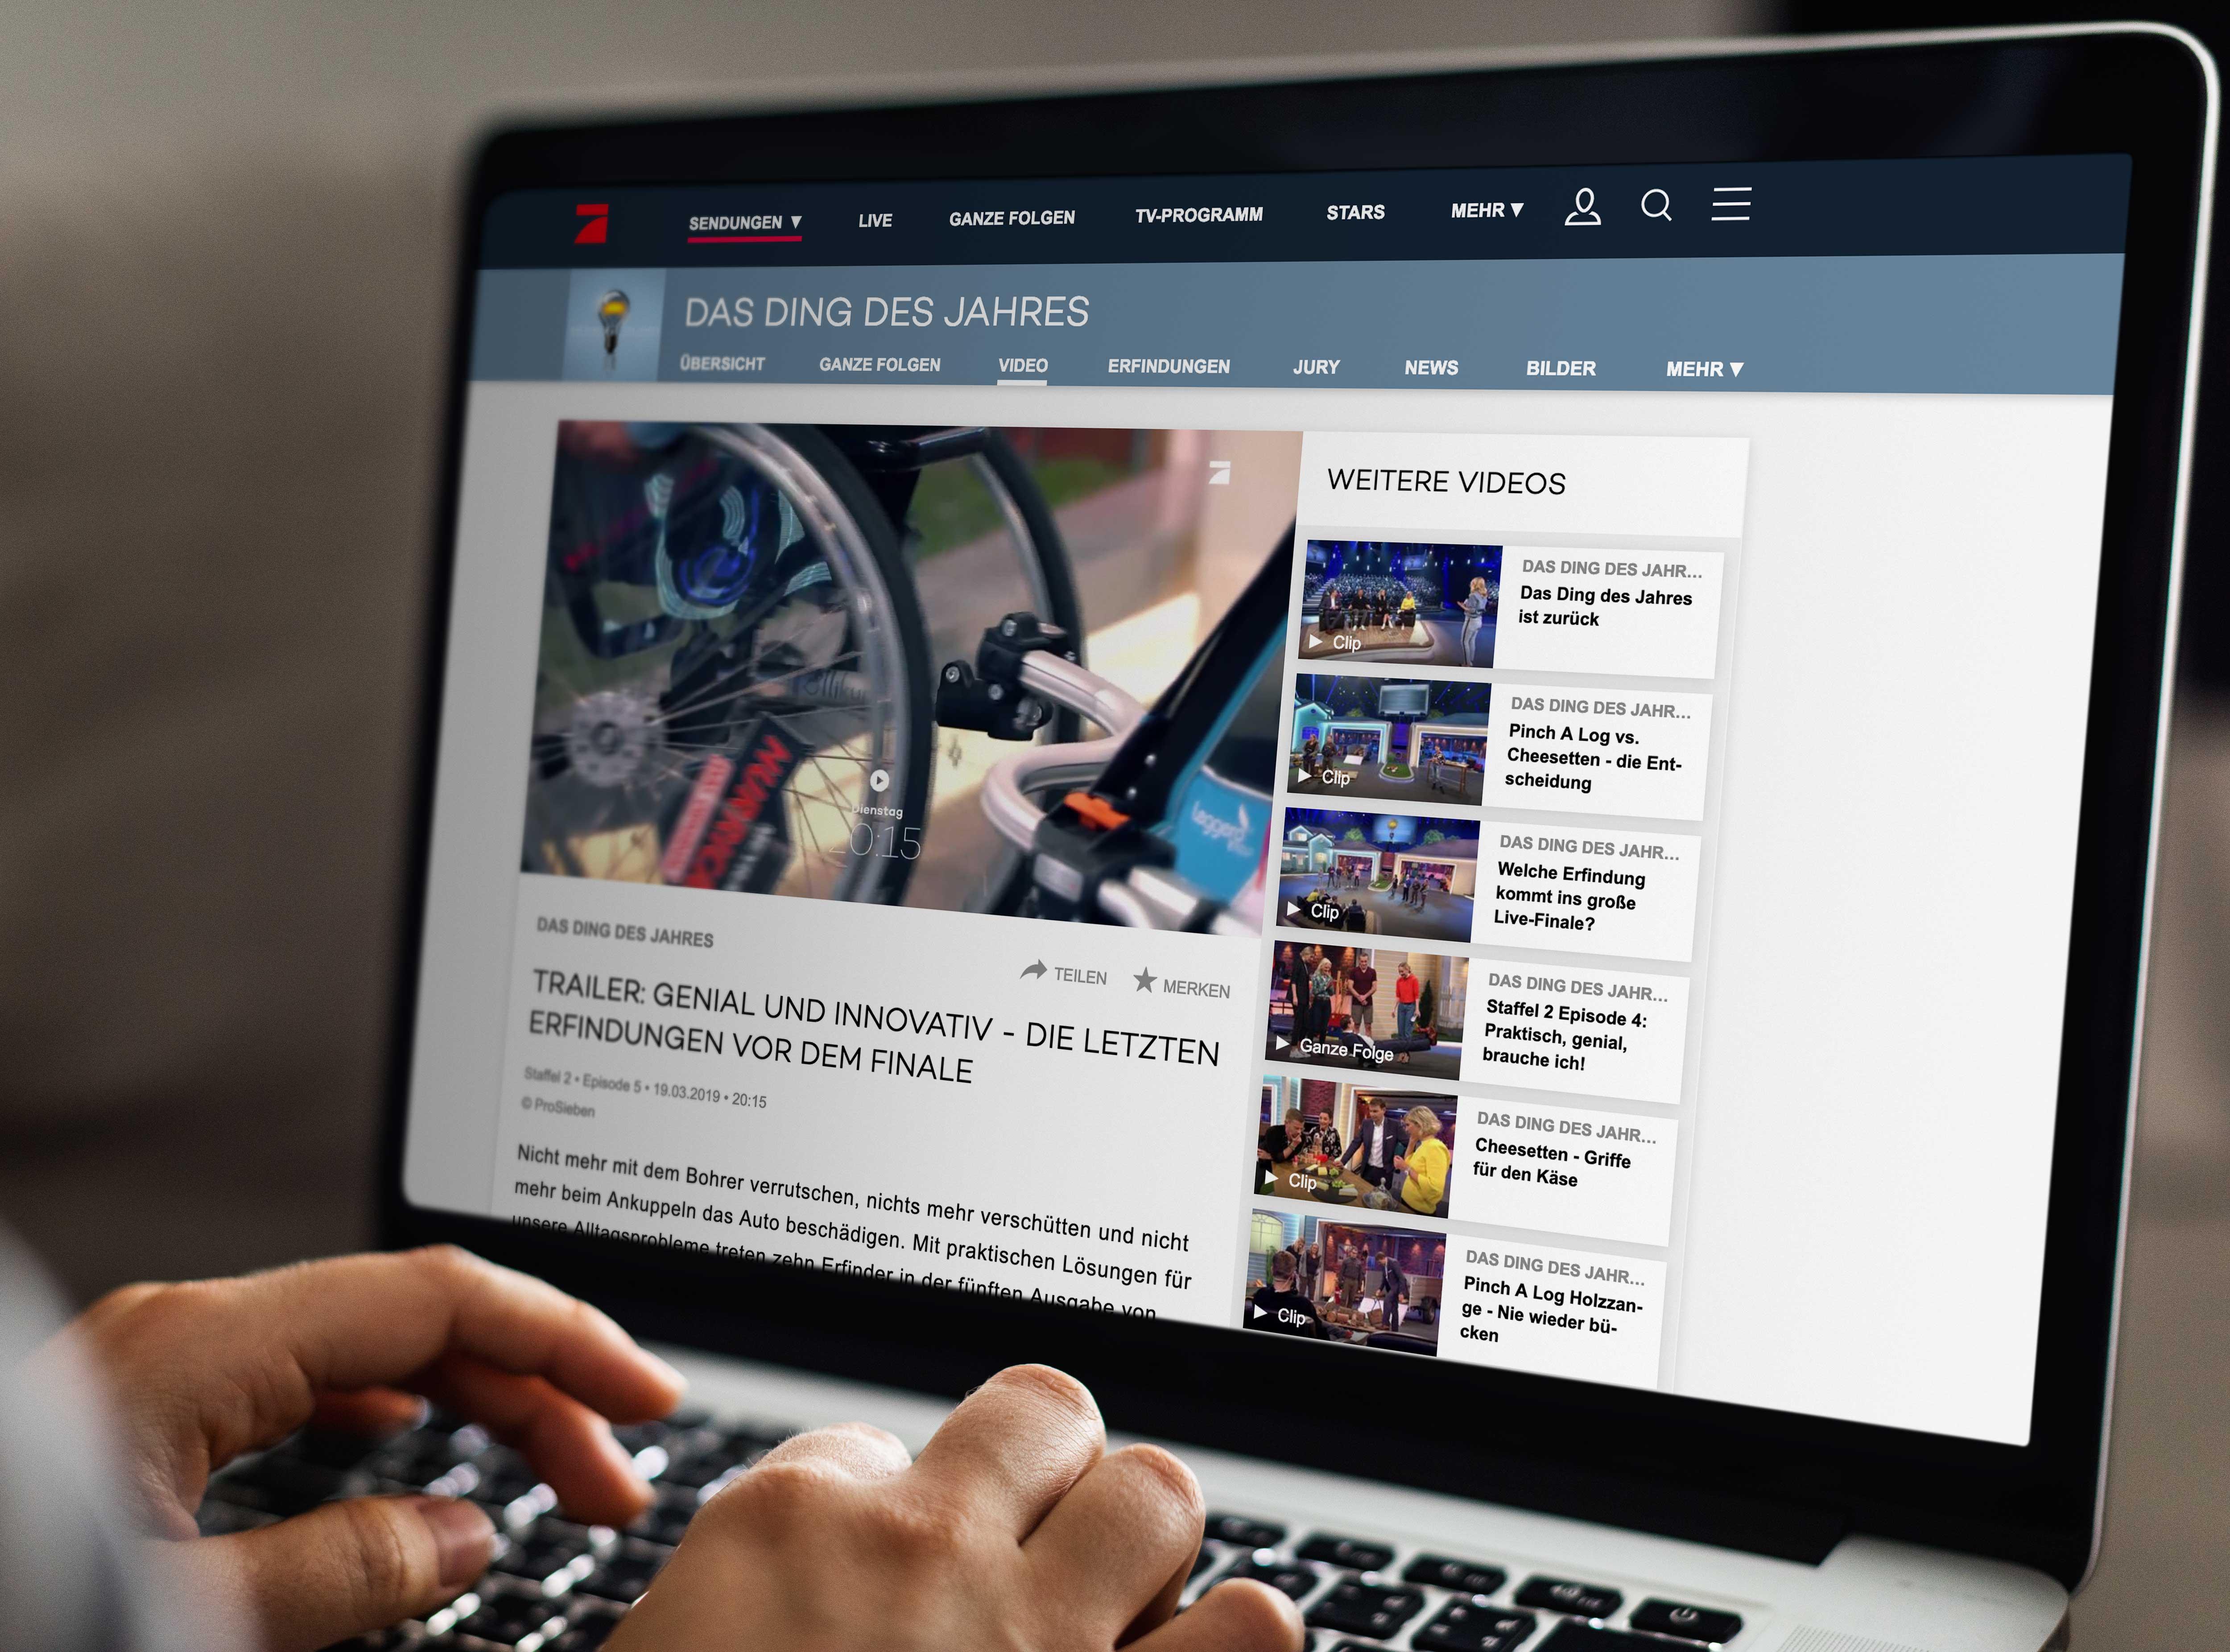 Blick auf den Bildschirm eines Laptops, auf dem die Website zur TV-Show aufgerufen ist.